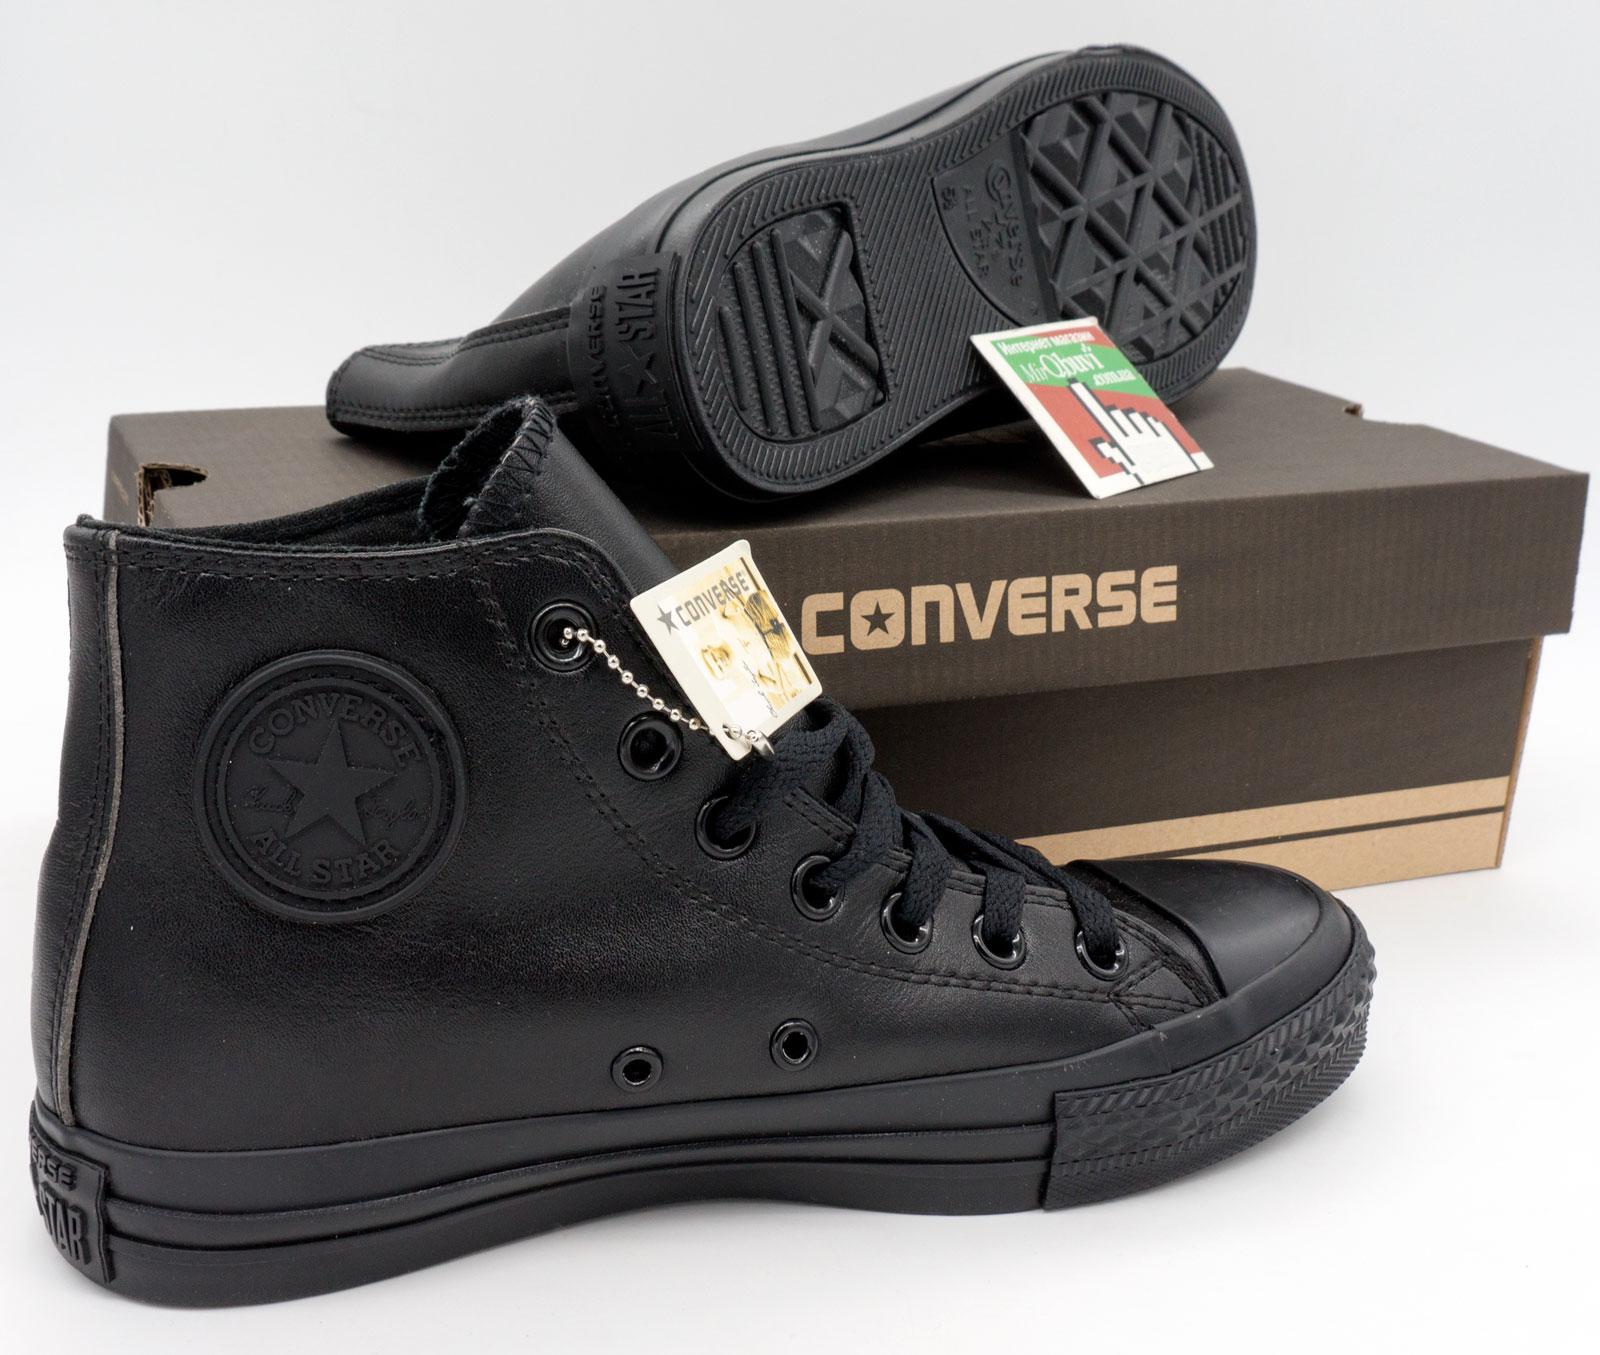 фото bottom Кеды Converse кожаные высокие полностью черные bottom